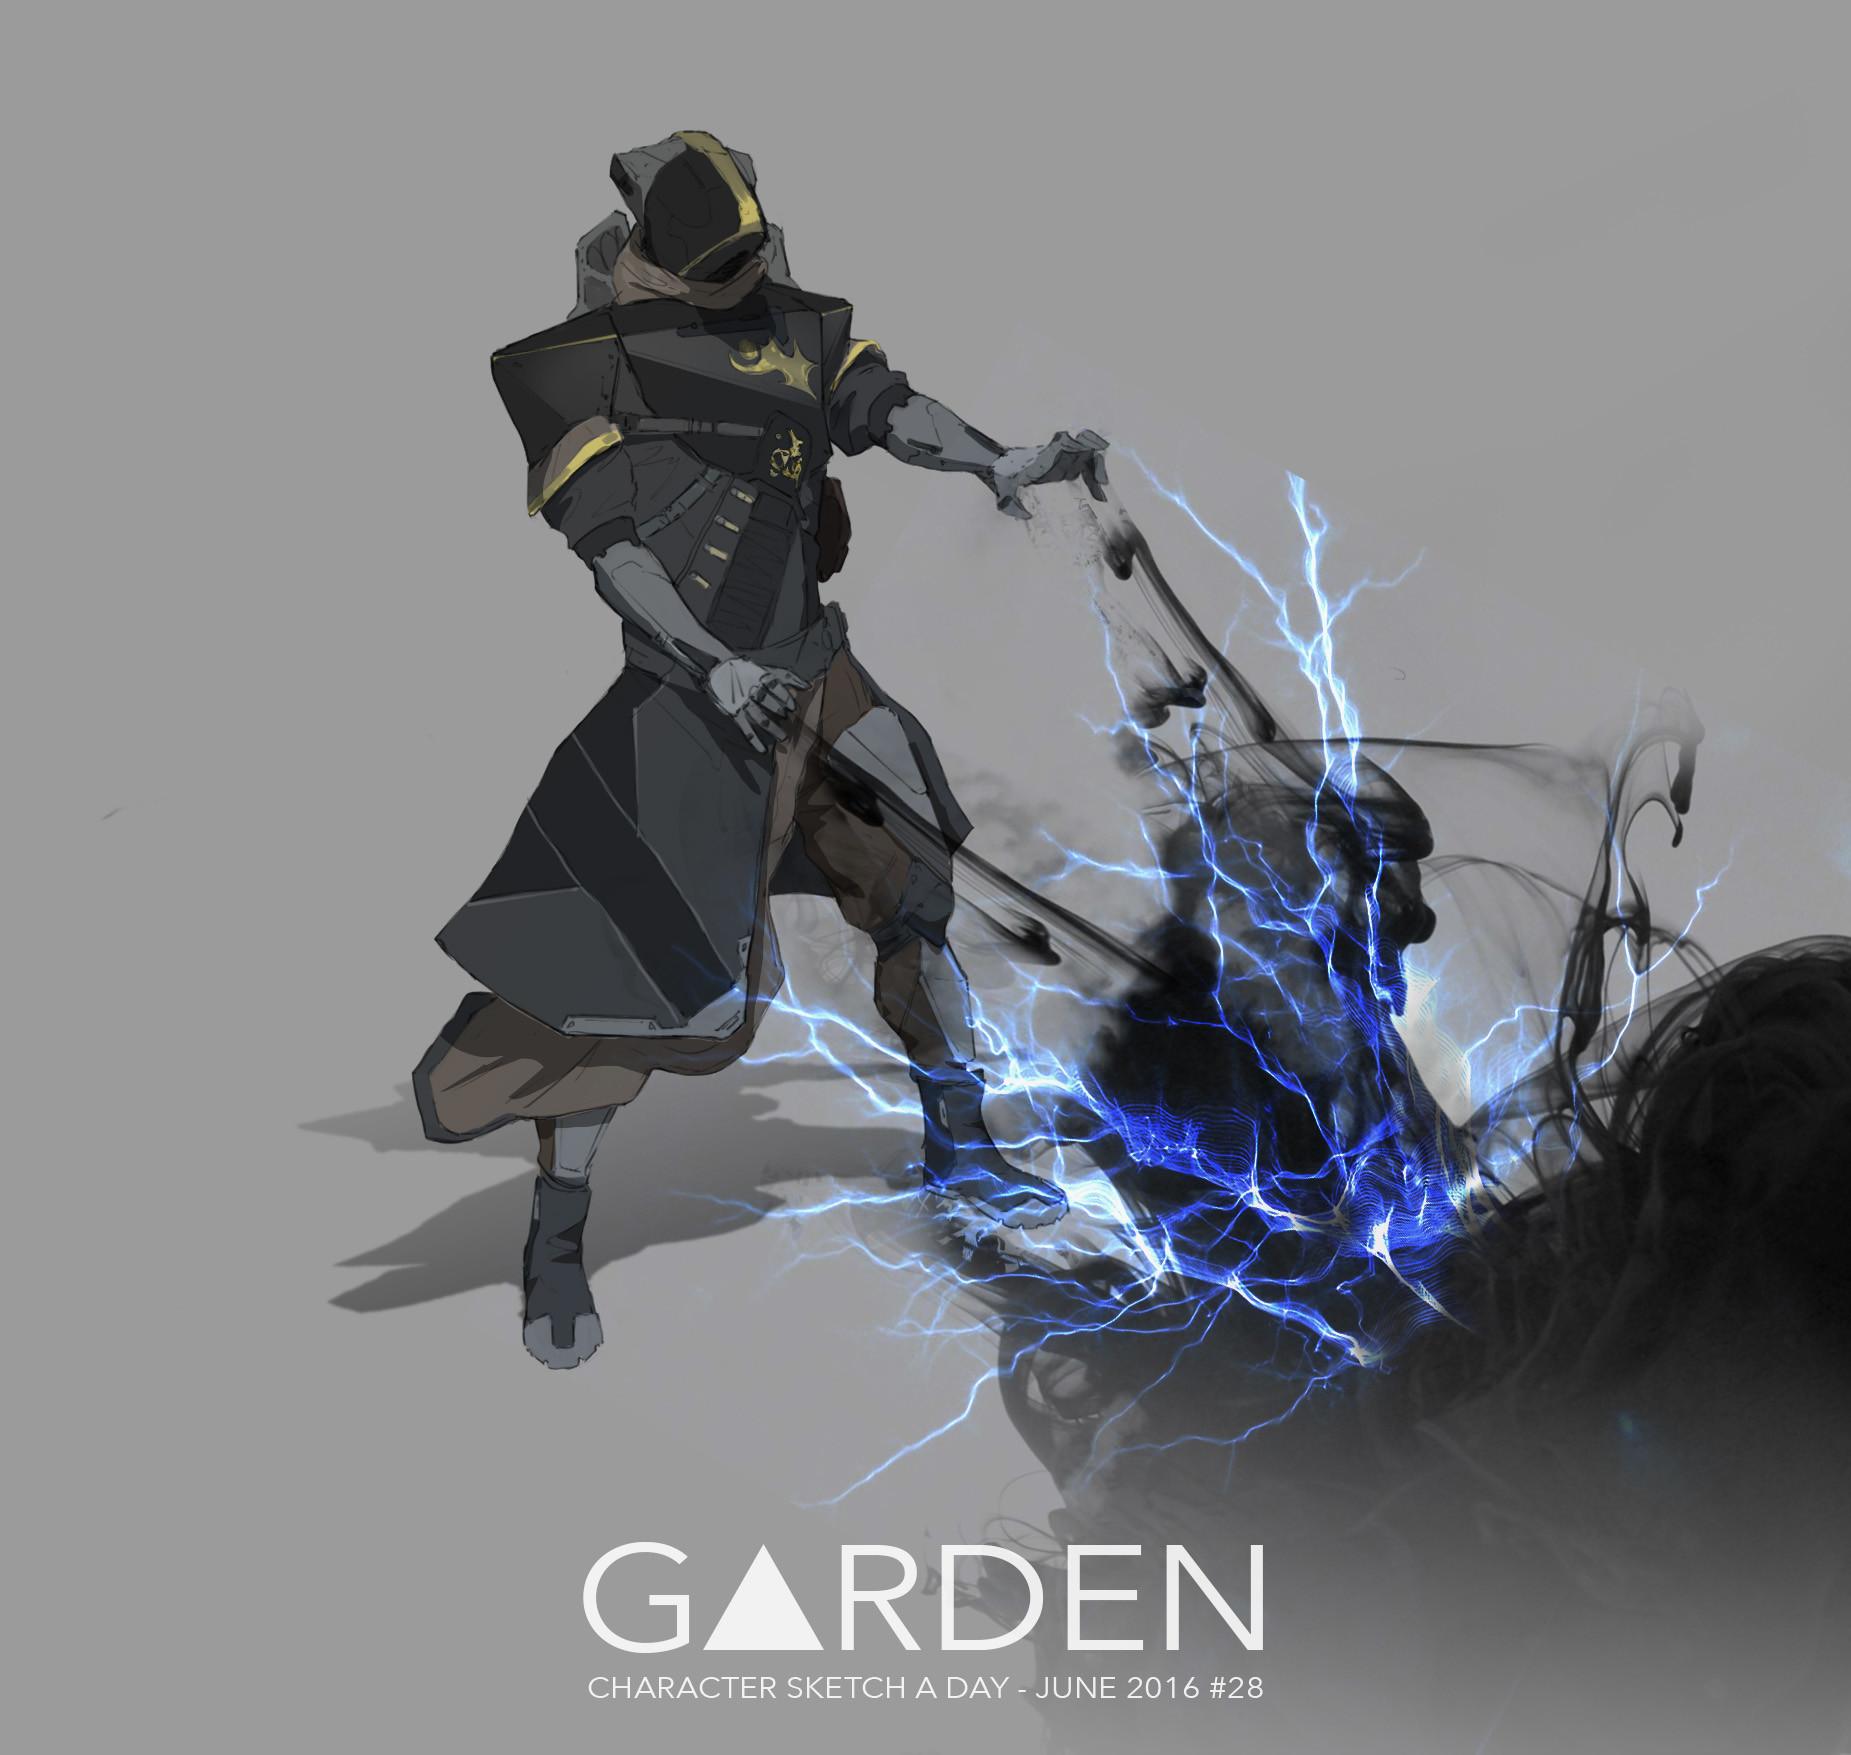 Tom garden tom garden char june 2016 28